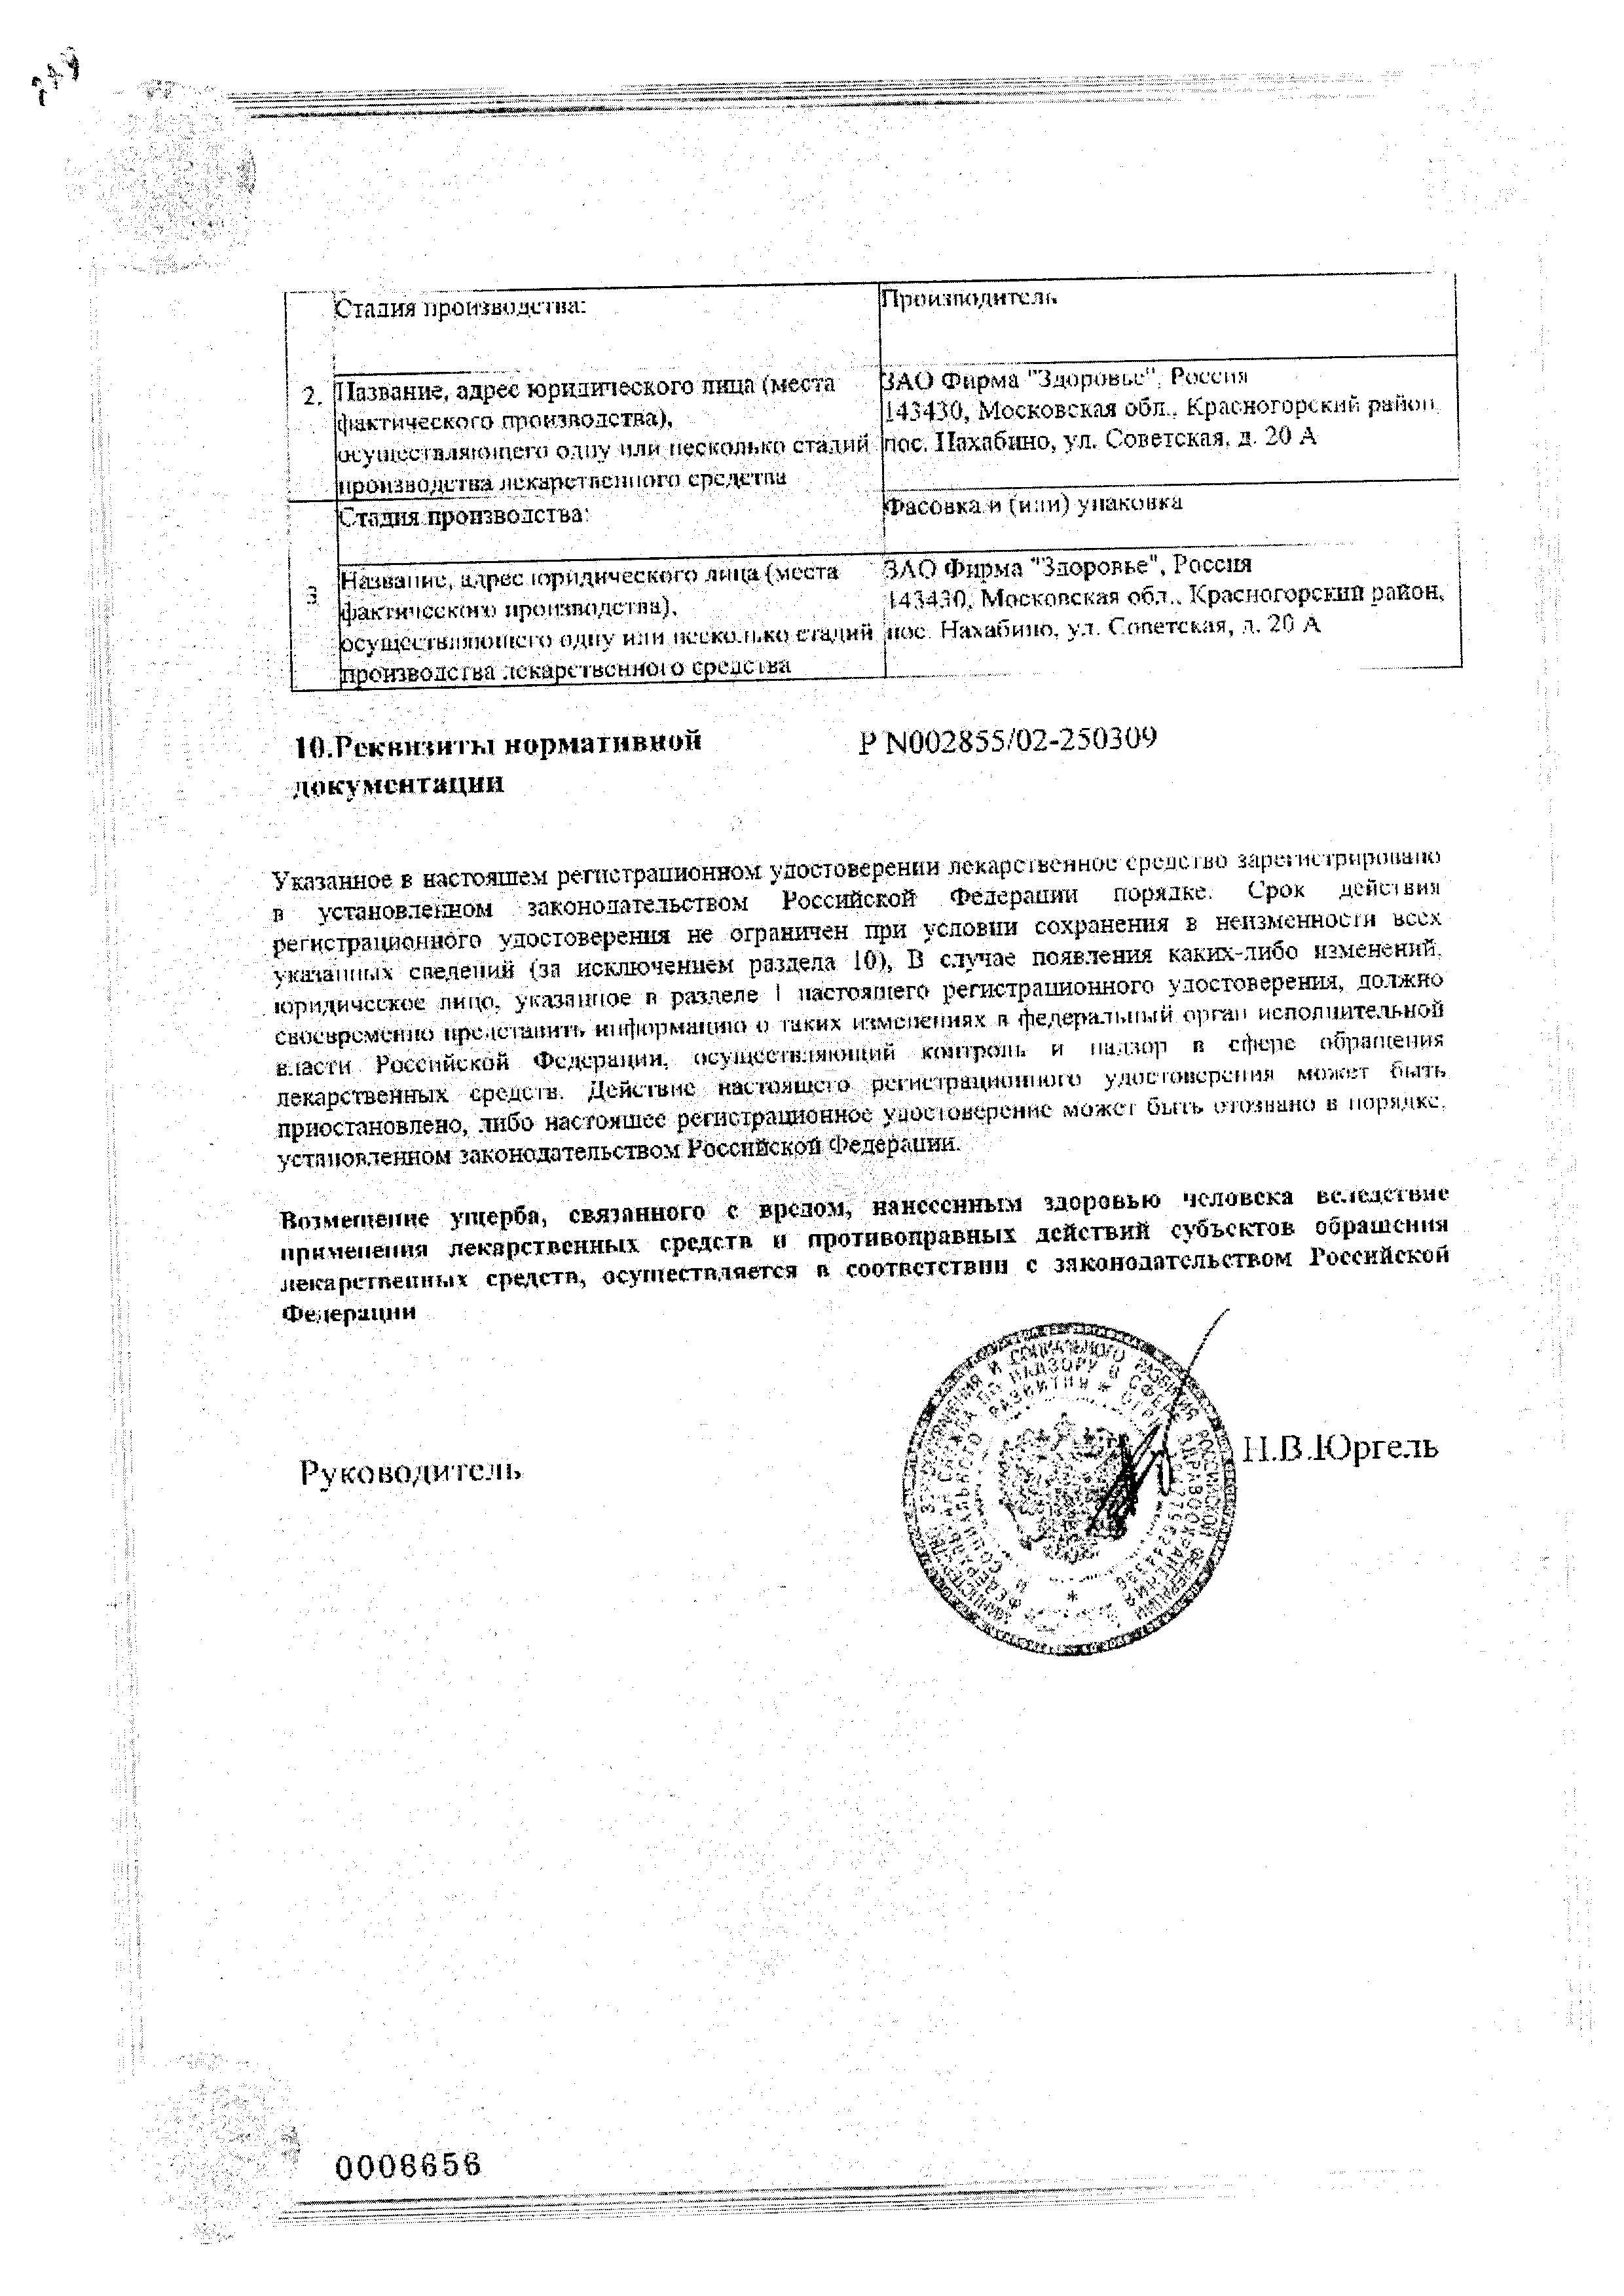 Ноготков цветки сертификат